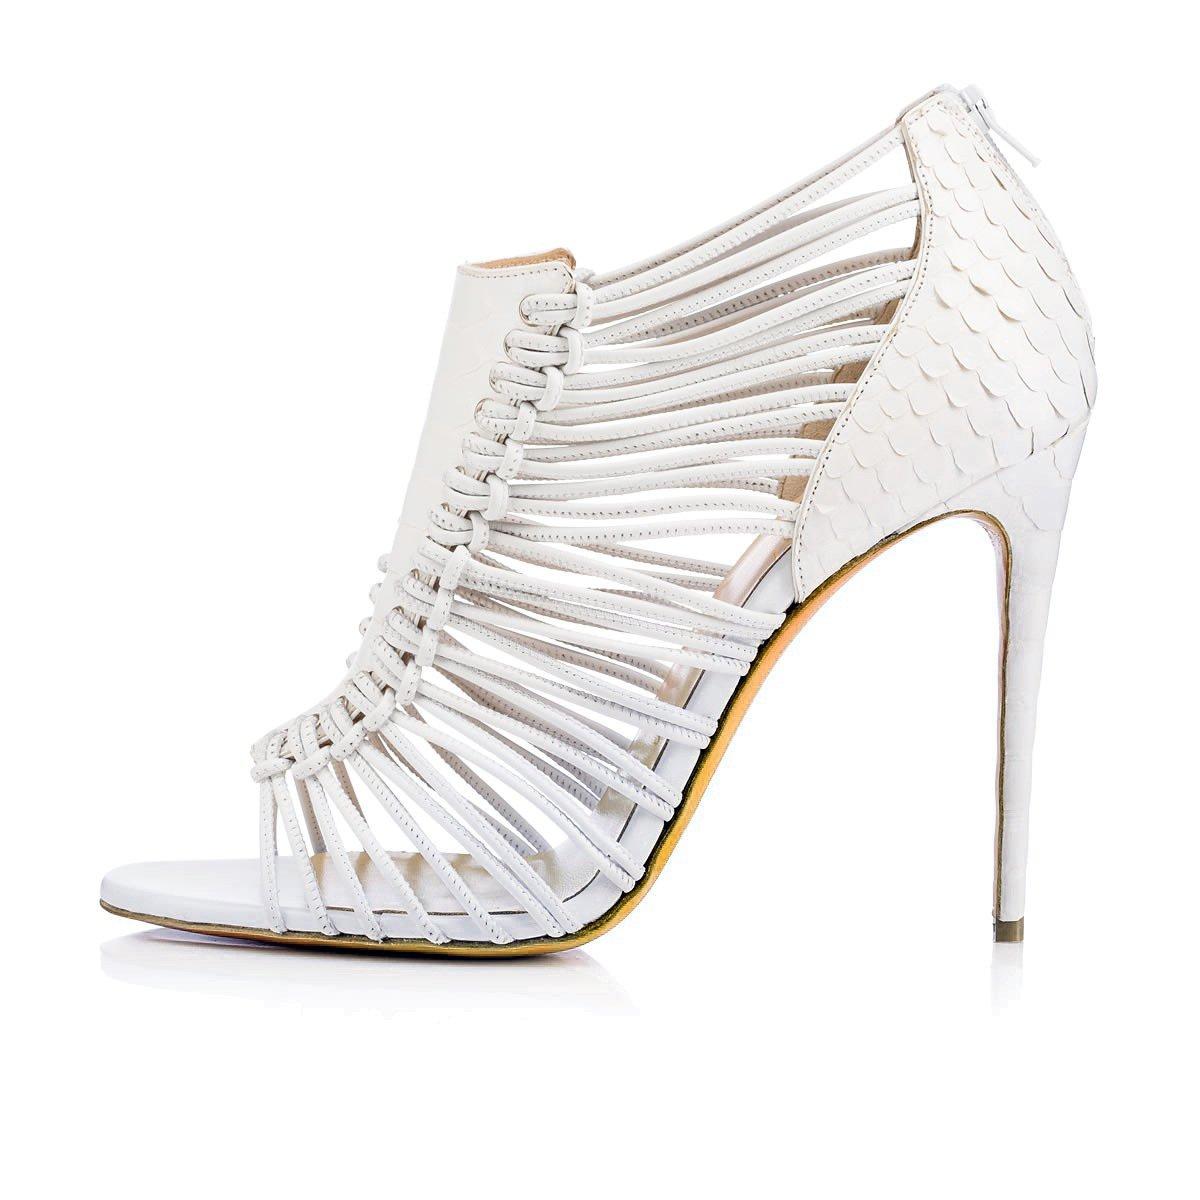 Scarpe Slingback da Donna Similpelle Summer Slingback Scarpe Cinturino alla Caviglia Stiletto con Fibbia sul Tallone White Party  Evening Un a421a3